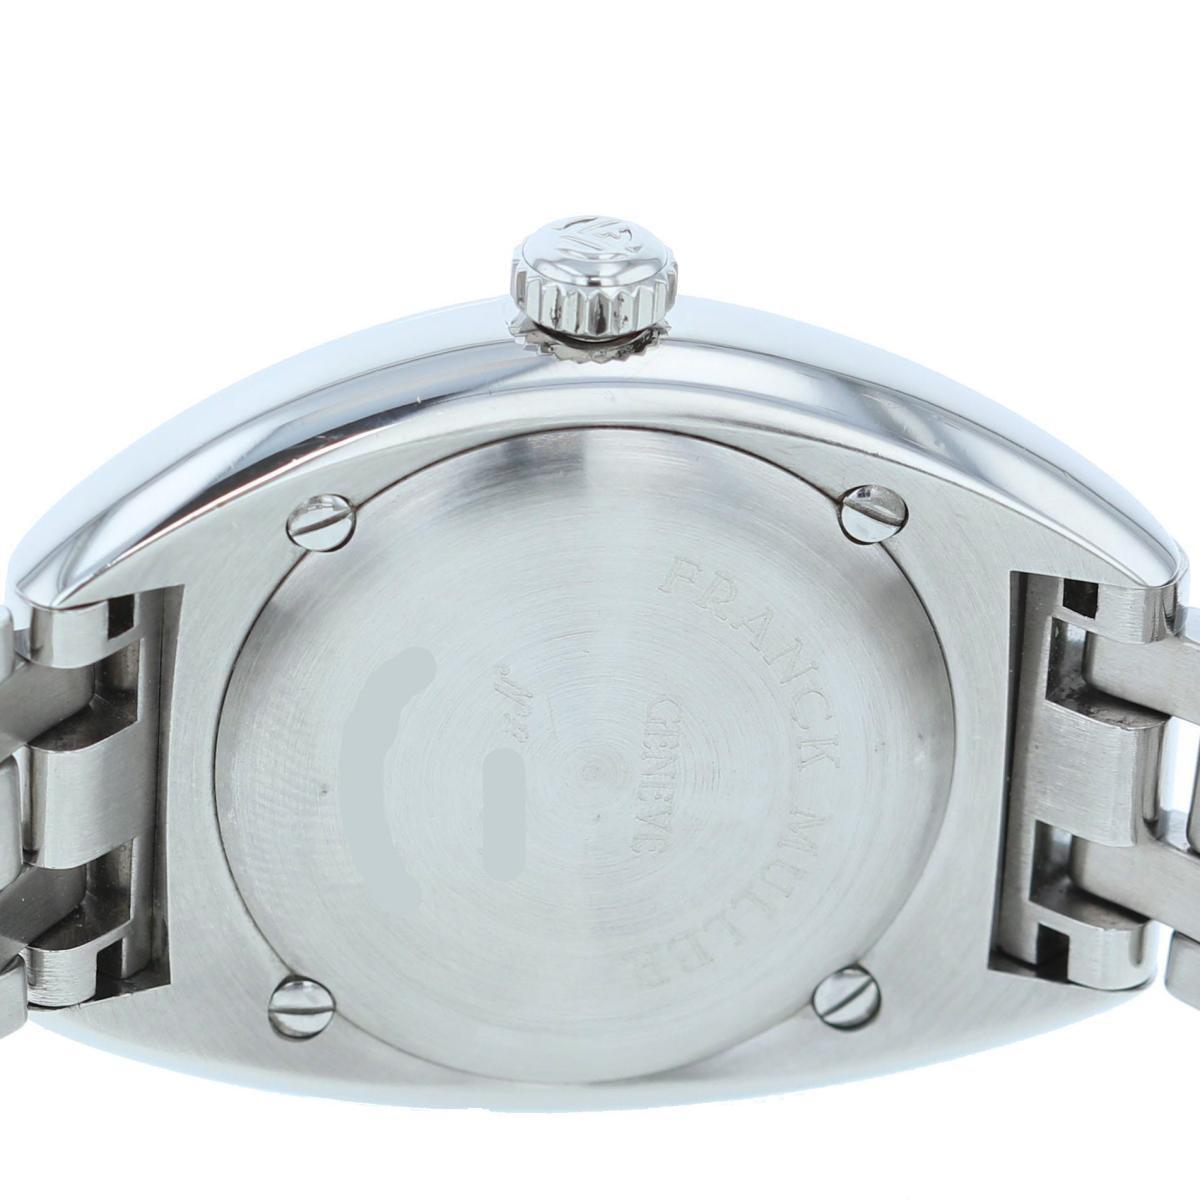 【お値下げ品】【中古】【仕上げ済】 FRANCK MULLER (フランクミュラー) トランスアメリカ 32� Silver 時計 クオーツ/レディース TRANSAMERICA Silver・シルバー 2000L used:A